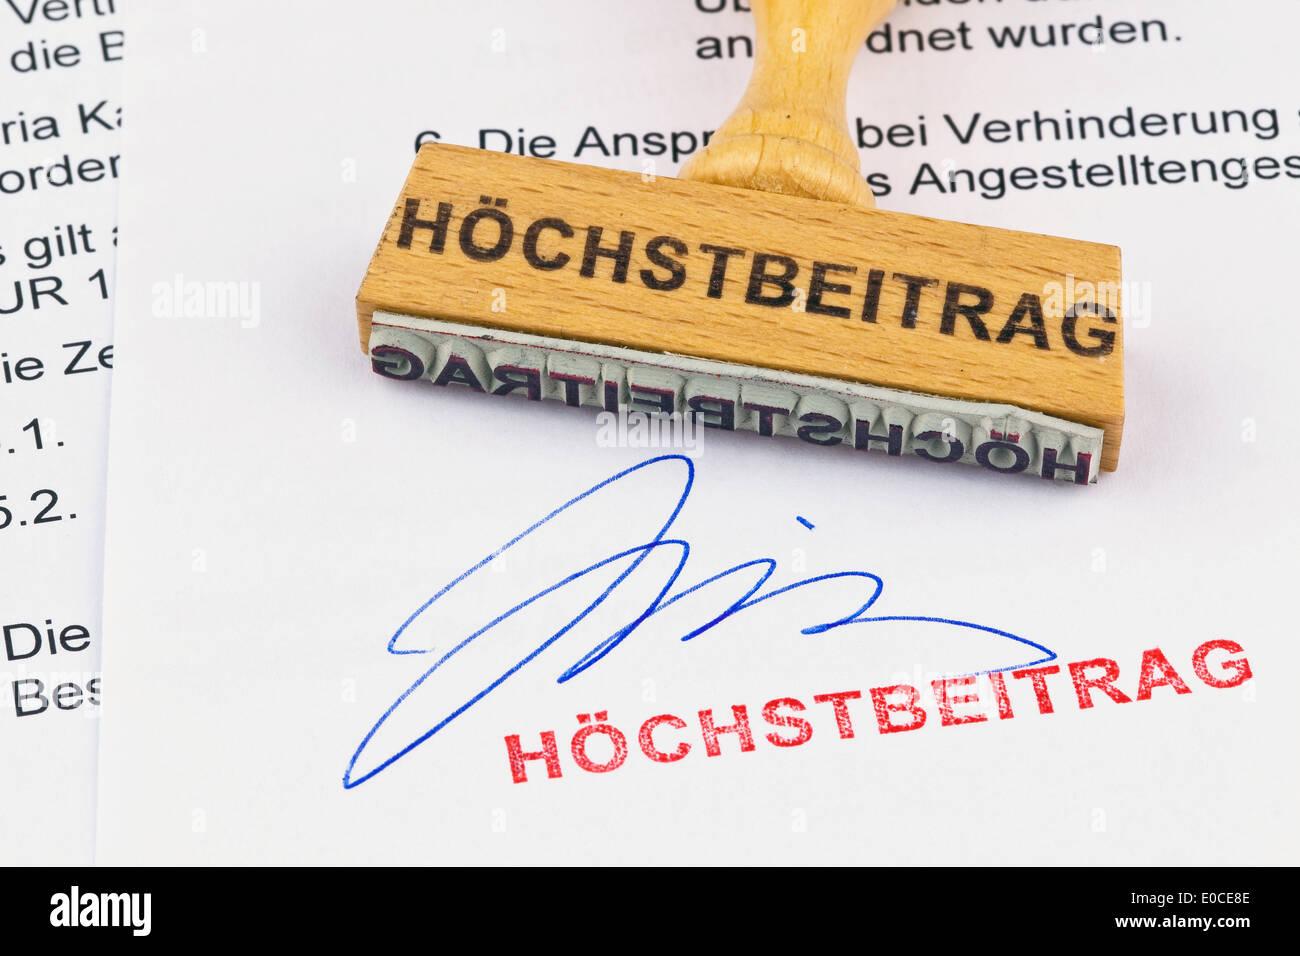 A stamp of wood lies on a document. Label Hoechstbeitrag, Ein Stempel aus Holz liegt auf einem Dokument. Aufschrift Stock Photo